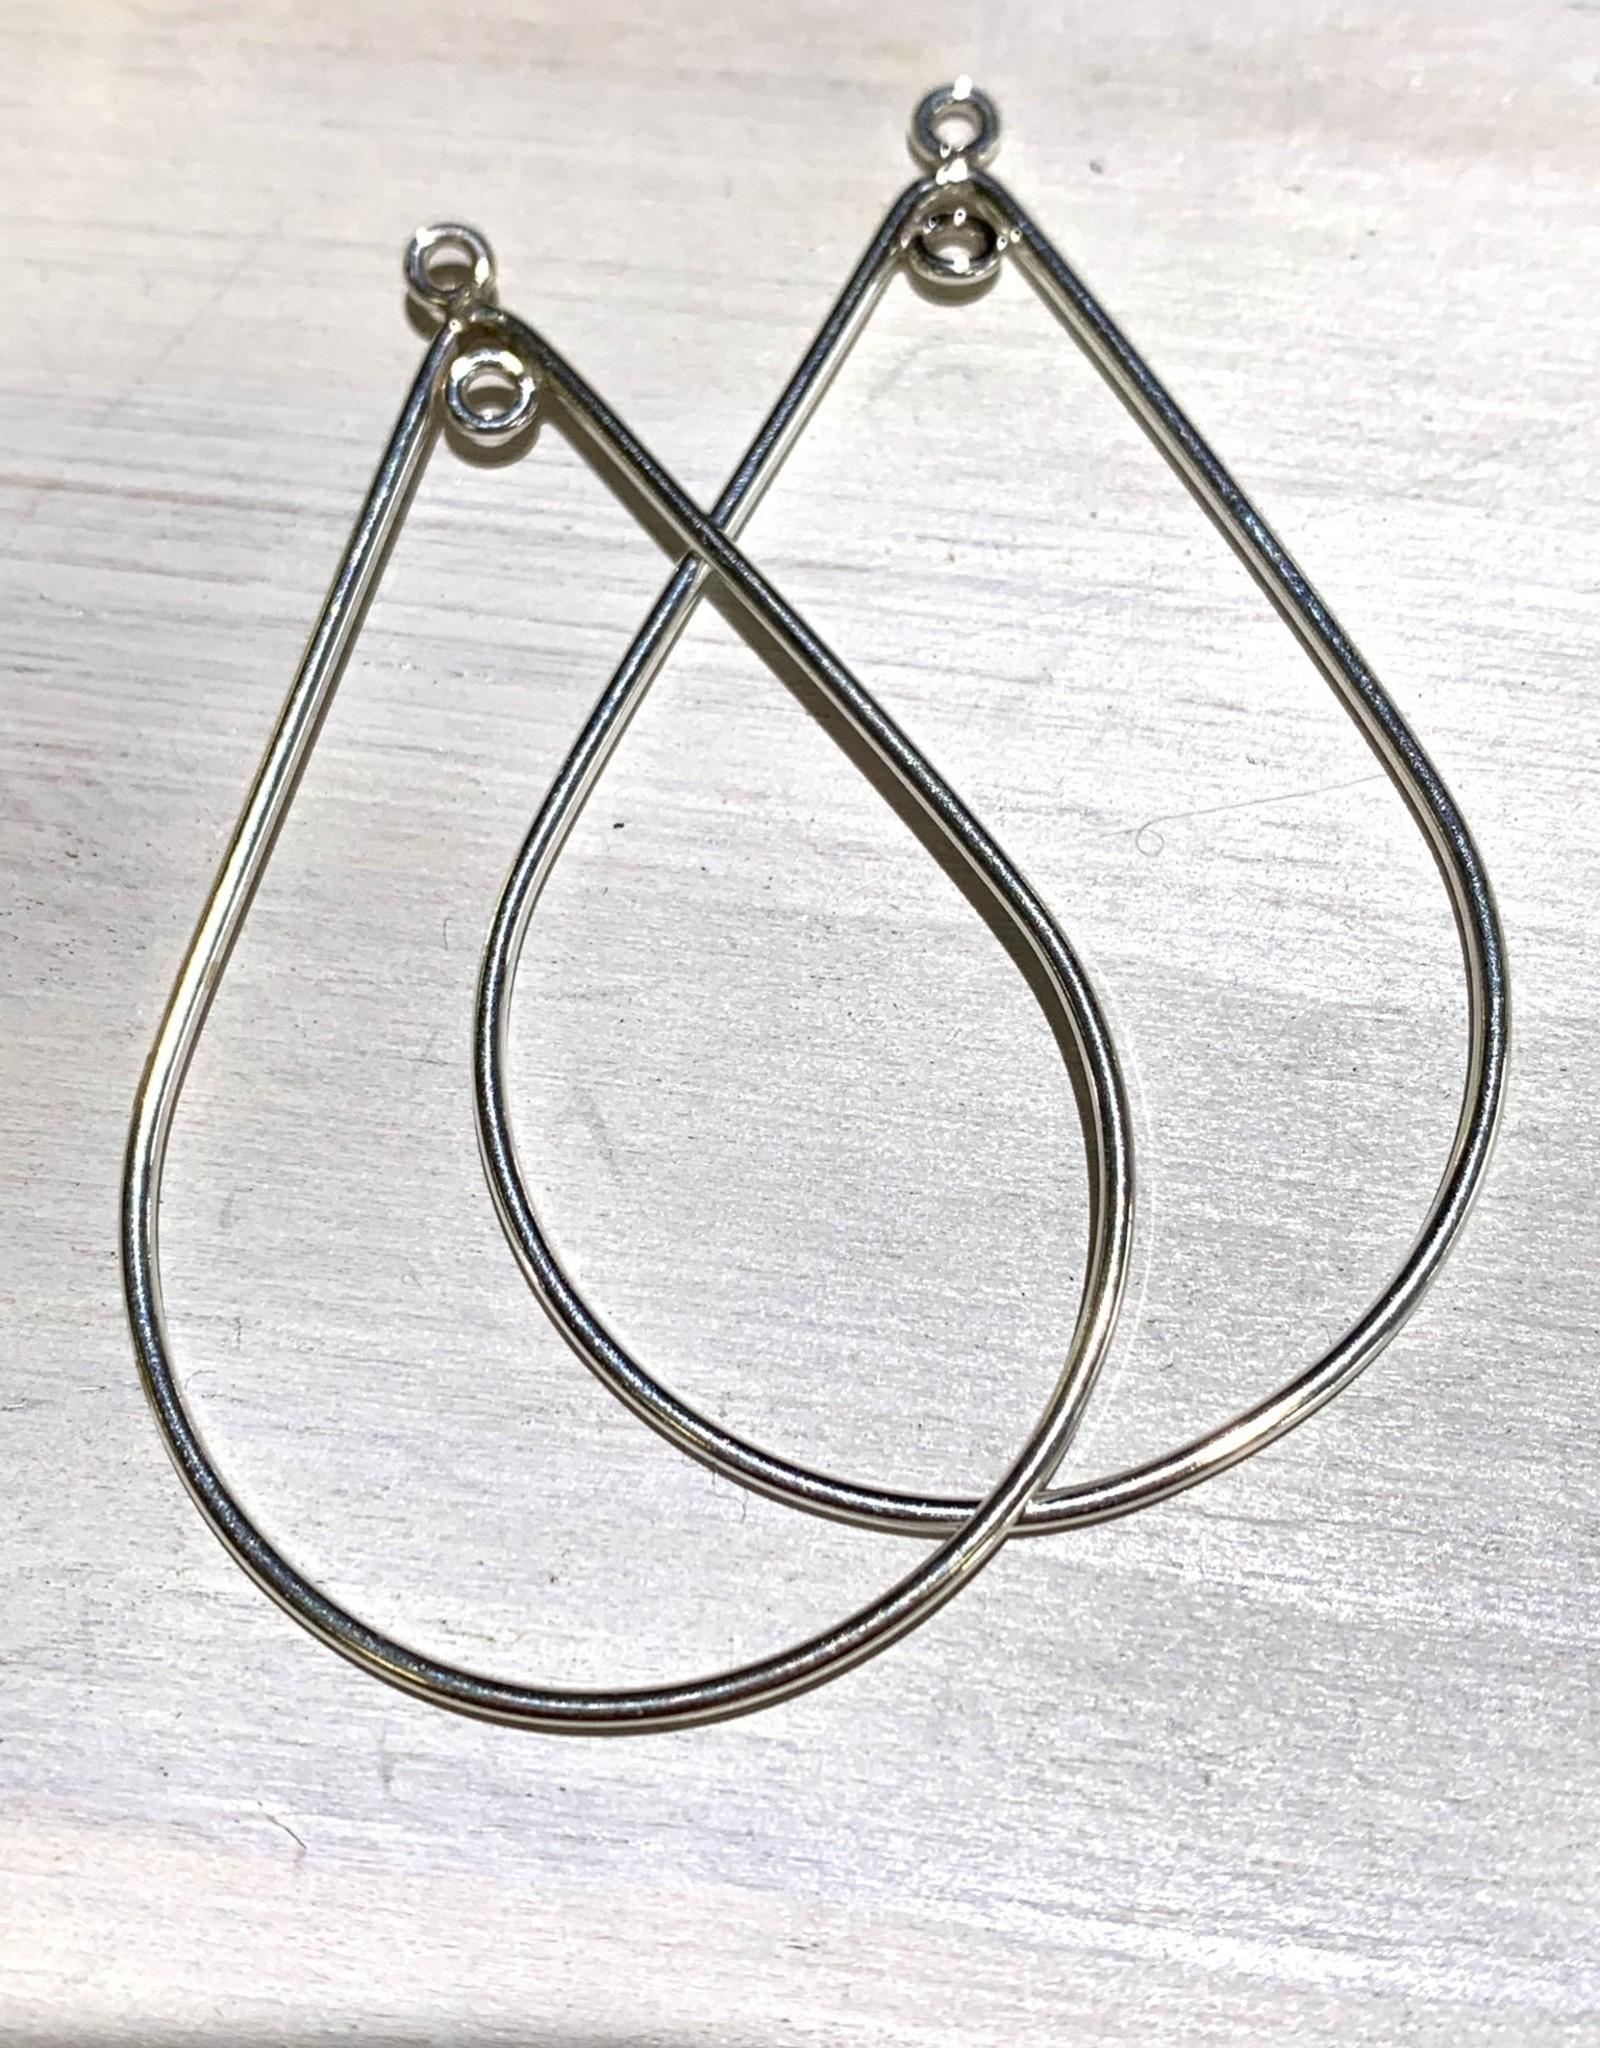 40mm Tear Drop Hoop Sterling Silver pair